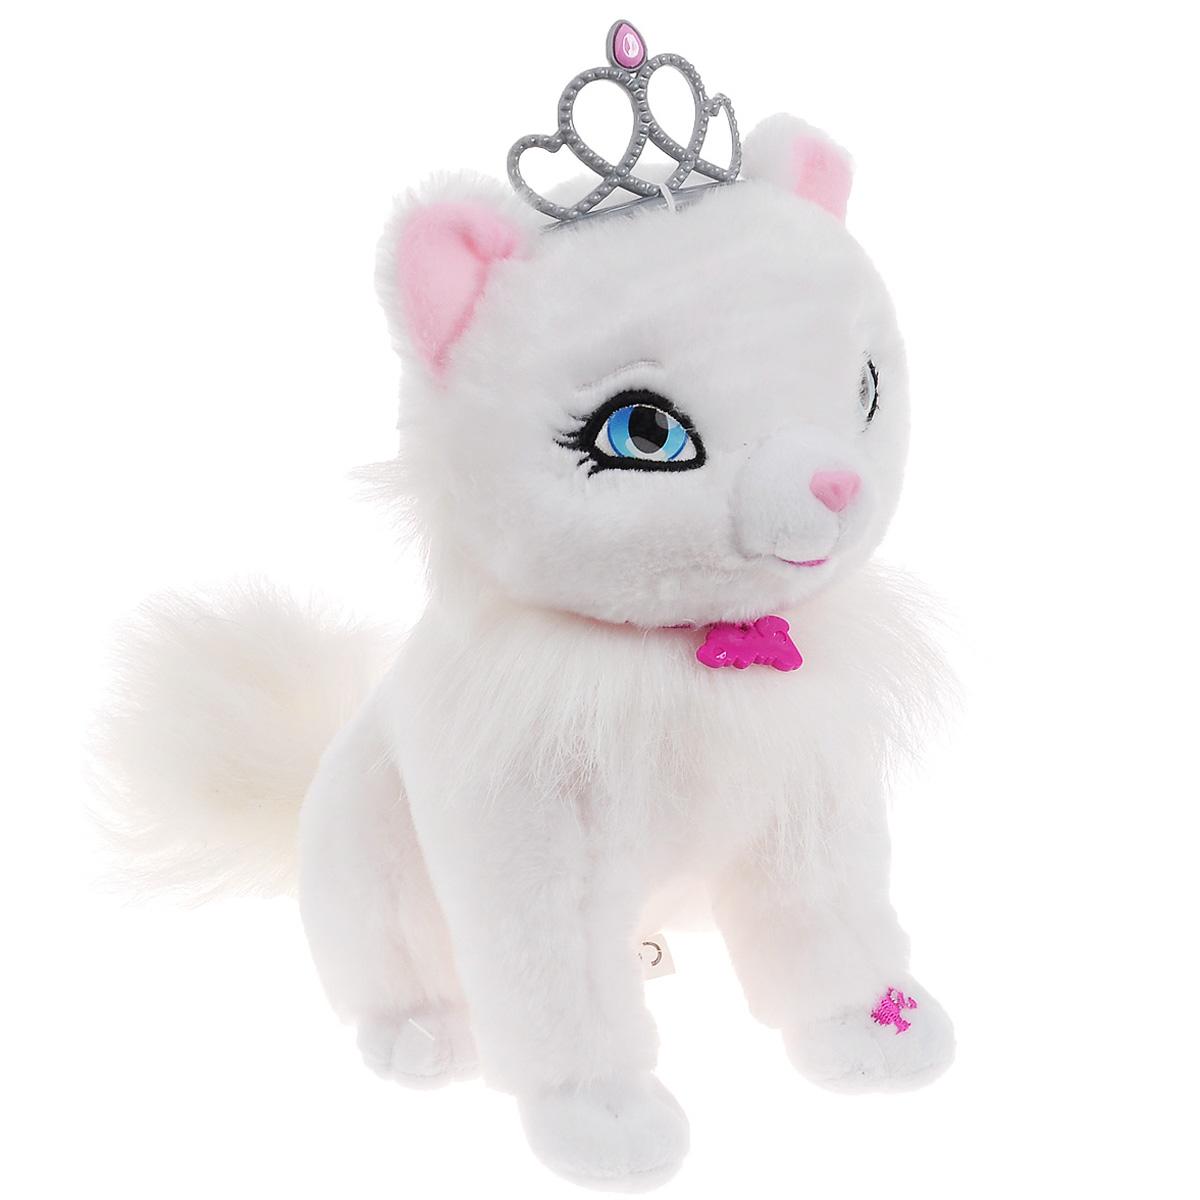 Интерактивная игрушка Barbie My Fab Pets: Blissa, с аксессуарамиBBPE3Интерактивная игрушка Barbie My Fab Pets: Blissa выполнена в виде милой кошечки. Такая игрушка приведет в восторг любого ребенка. Очаровательный котенок покрыт мягким и приятным на ощупь искусственным мехом, его глазки вышиты нитками. На шее котенка - подвеска в виде логотипа Barbie, а голову украшает изящная тиара принцессы. В набор входит флакончик духов, если их поднести к носу кошечки, она начнет к ним принюхиваться. А если расчесать кошечку специальной щеткой, вы услышите как она мило замурлыкает. При нажатии на левую лапку, кошечка мяукнет или замурлыкает. Игры с интерактивной кошечкой способствуют эмоциональному развитию ребенка, а также помогут ему развить ответственность, внимание и воображение. Трогательная кошечка непременно станет лучшим другом малышки. Рекомендуется докупить 2 батарейки напряжением 1,5V типа AA (товар комплектуется демонстрационными).